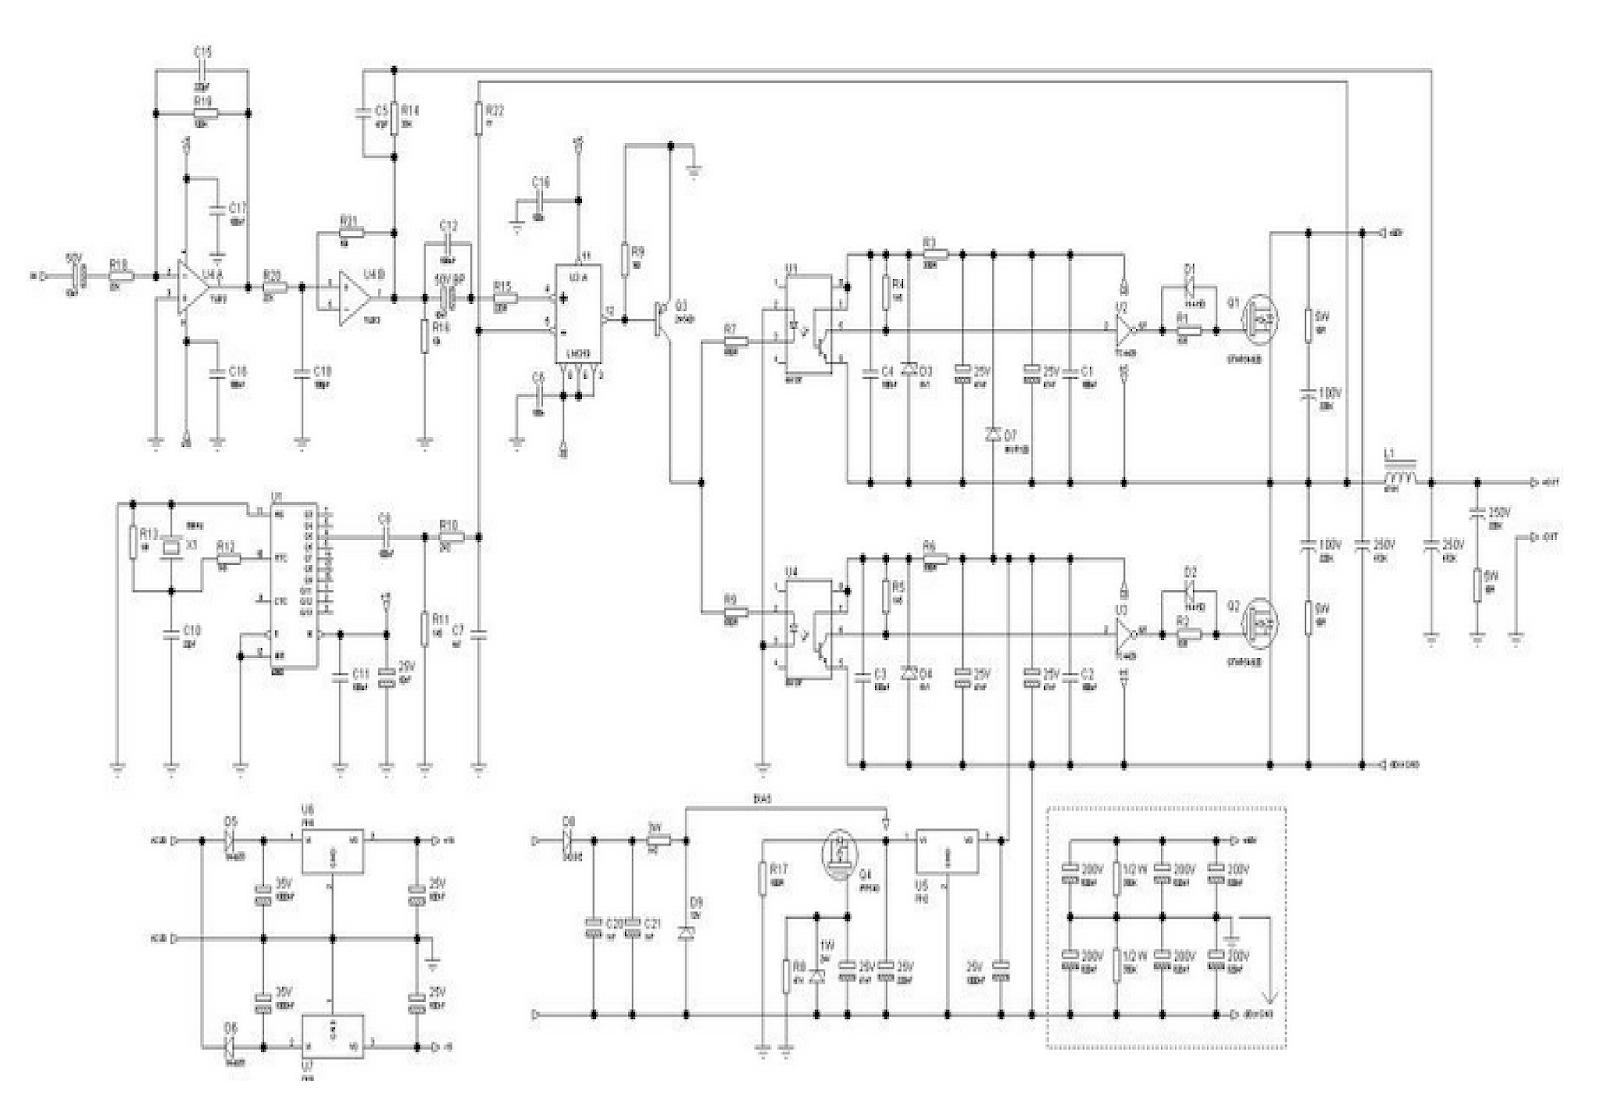 Ir2110 Application Circuit